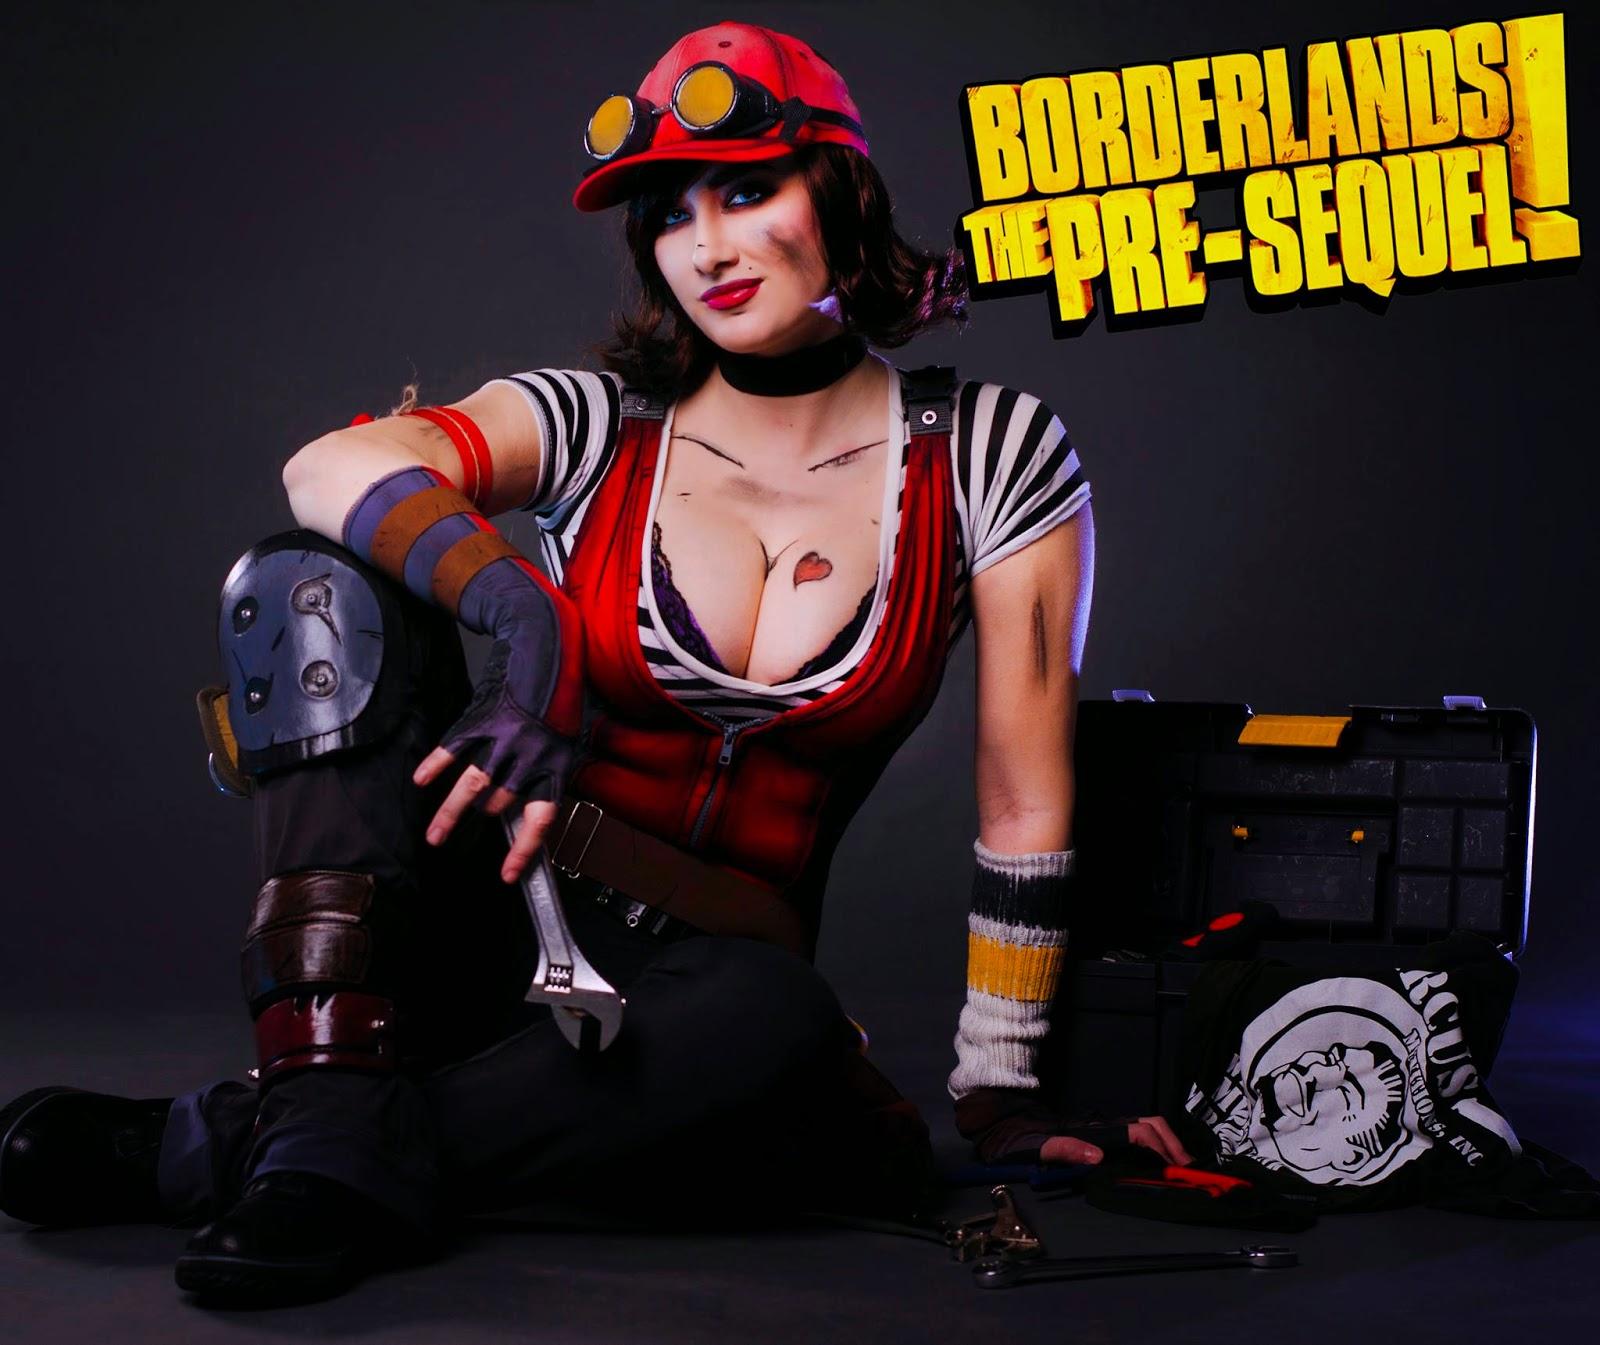 Borderlands 2 Porn Pics